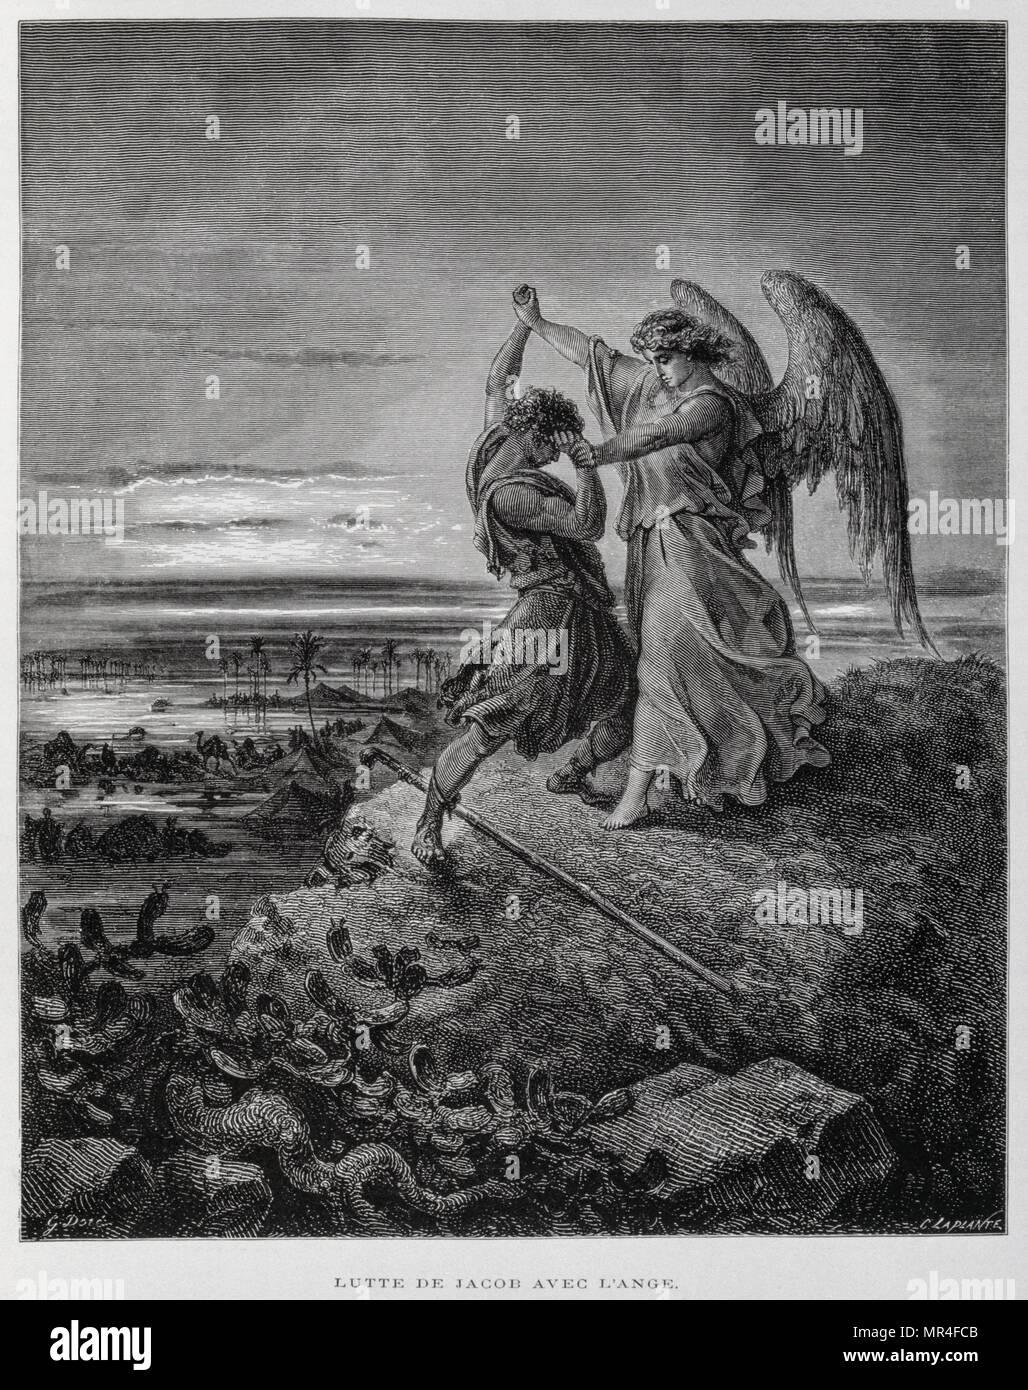 Jacob wrestling l'angelo, illustrazione dal Dore la Bibbia 1866. Nel 1866, l'artista francese e illustrator Gustave Dore (1832-1883), ha pubblicato una serie di 241 incisioni in legno per una nuova edizione deluxe del 1843 traduzione francese di Biblia Vulgata, popolarmente conosciuta come la Bibbia de Tours. Questa nuova edizione è stata conosciuta come La grande Bibbia de Tours e le sue illustrazioni sono state un grande successo. La discendenza di Giacobbe lotta con l'angelo si trova in Genesi 32:22-32 Immagini Stock